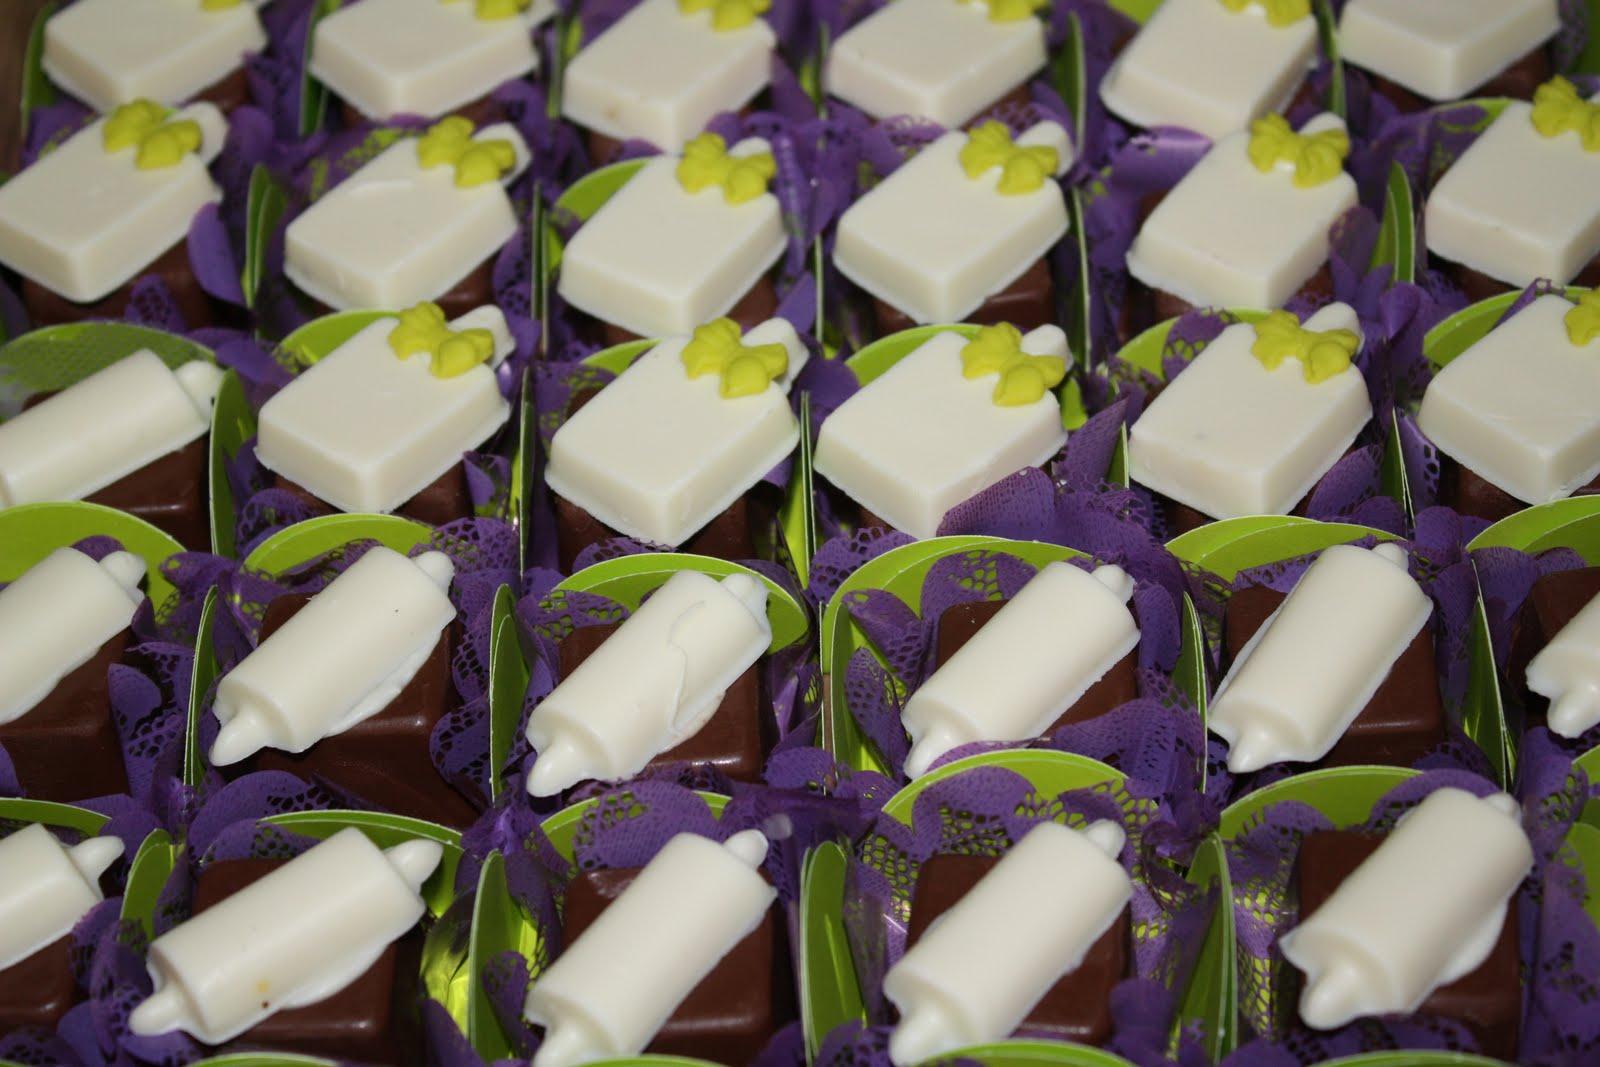 #9F9F2C Michelle Lecce Bolos Doces e Chocolates: Bombom e Cupcake Chá  1600x1067 px Projetar Minha Cozinha_886 Imagens